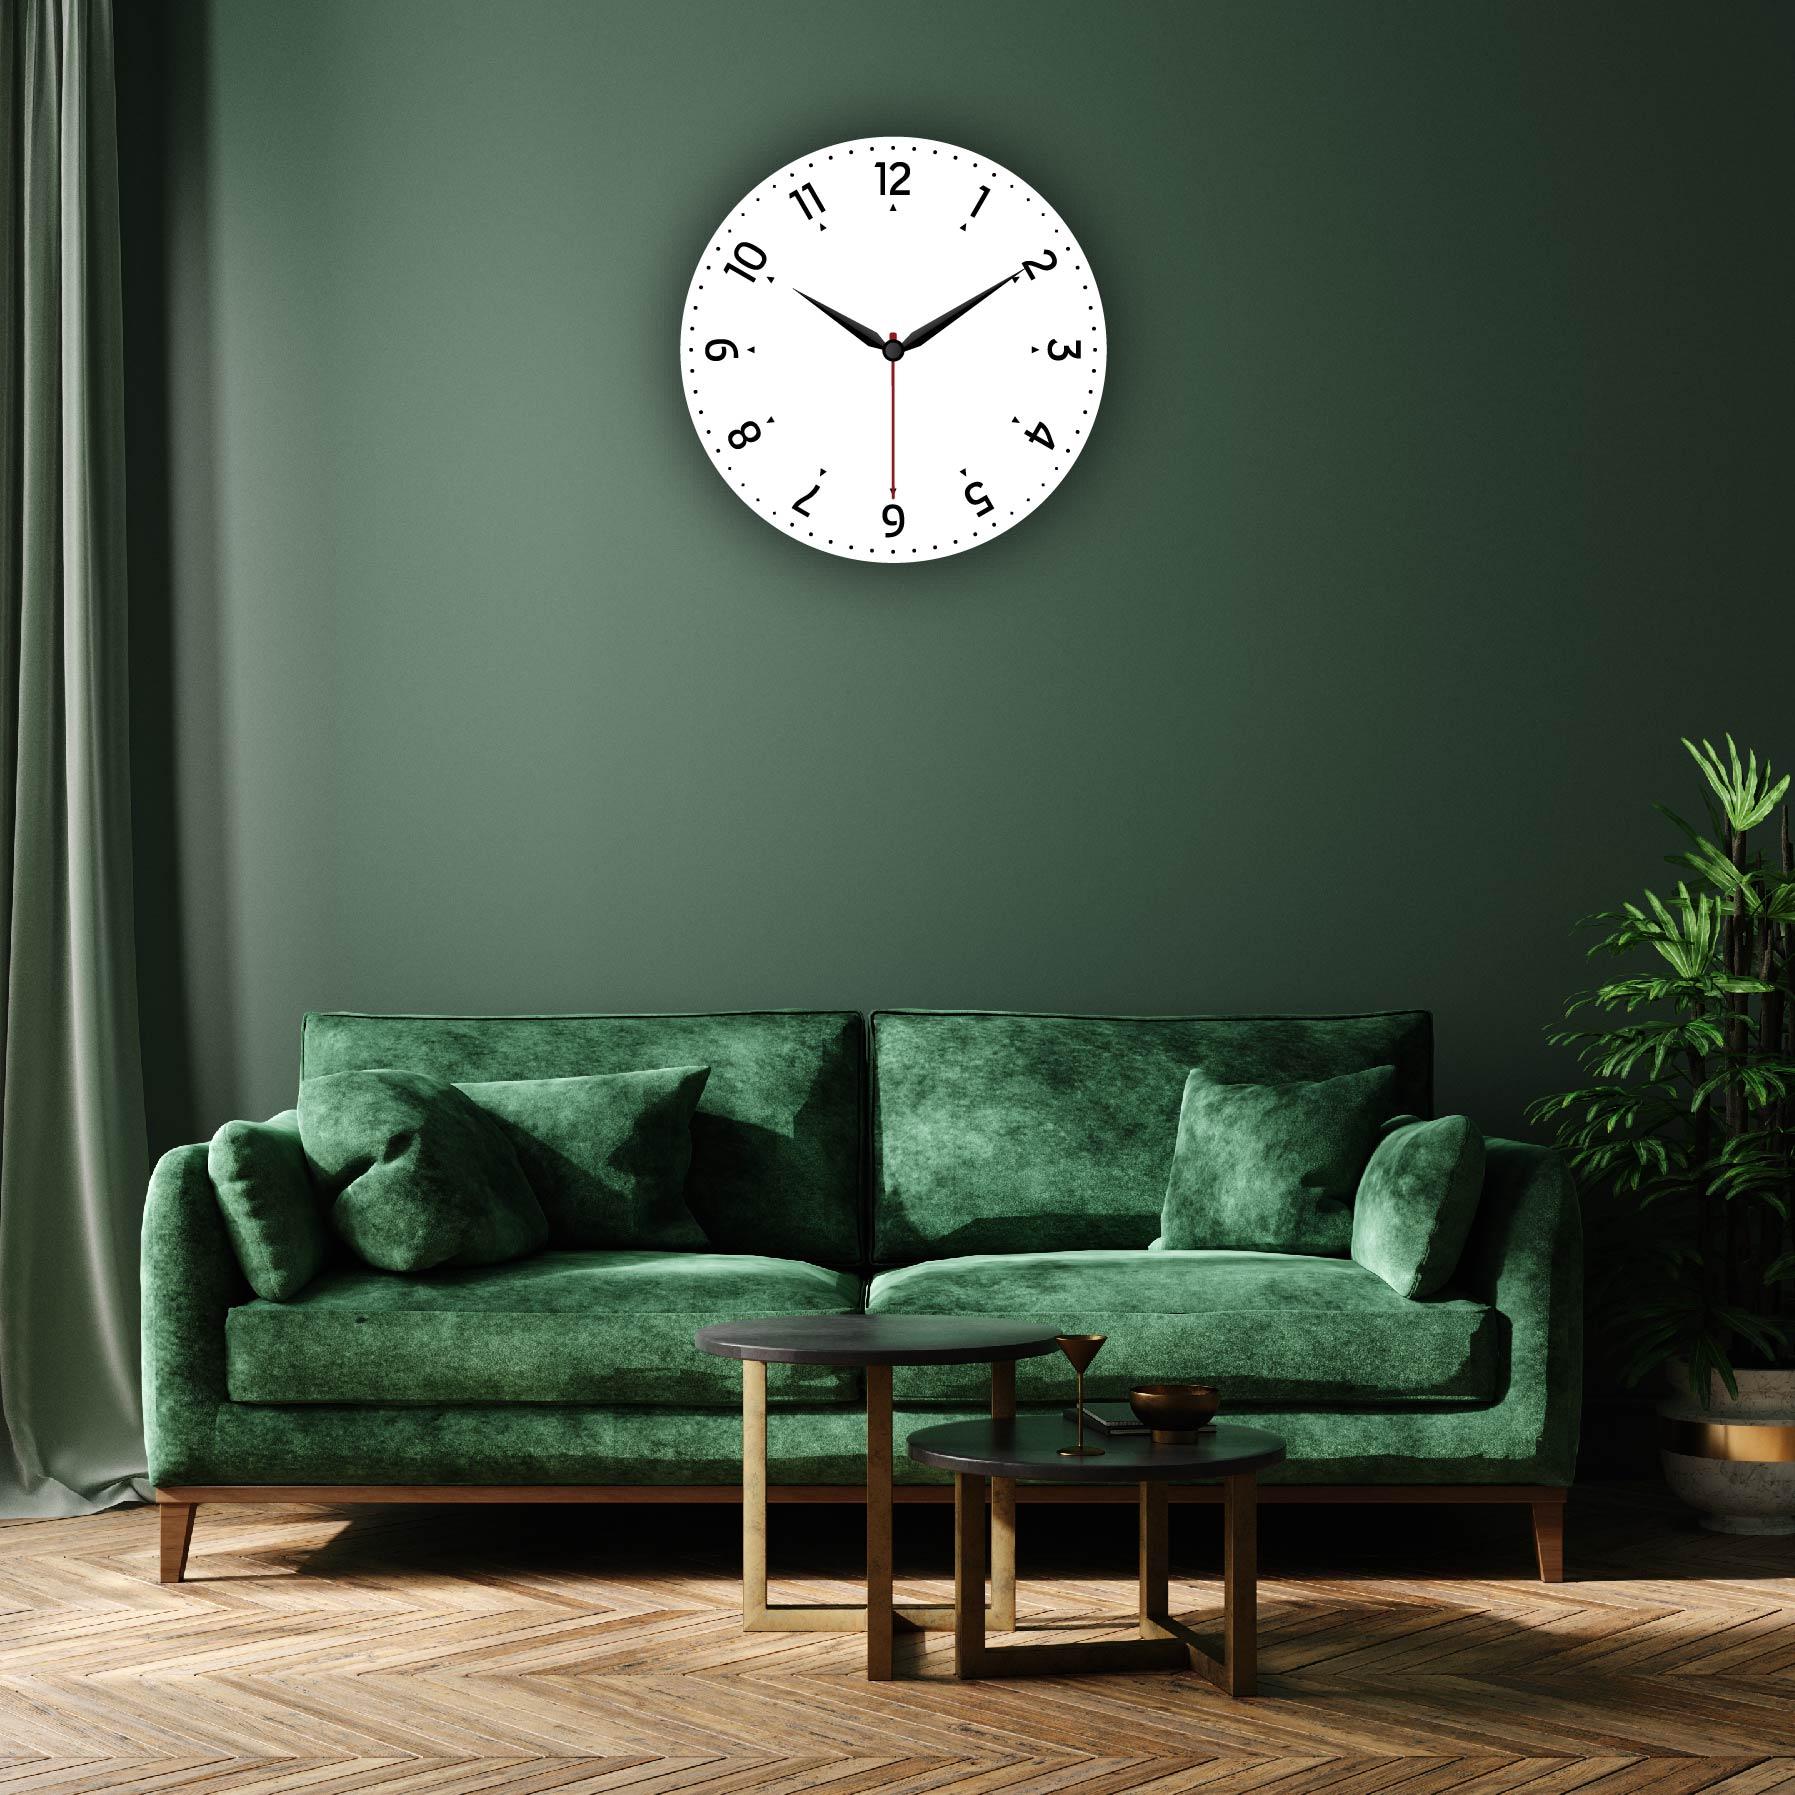 Dijital Baskılı Dekoratif Mdf Duvar Saati Model-108